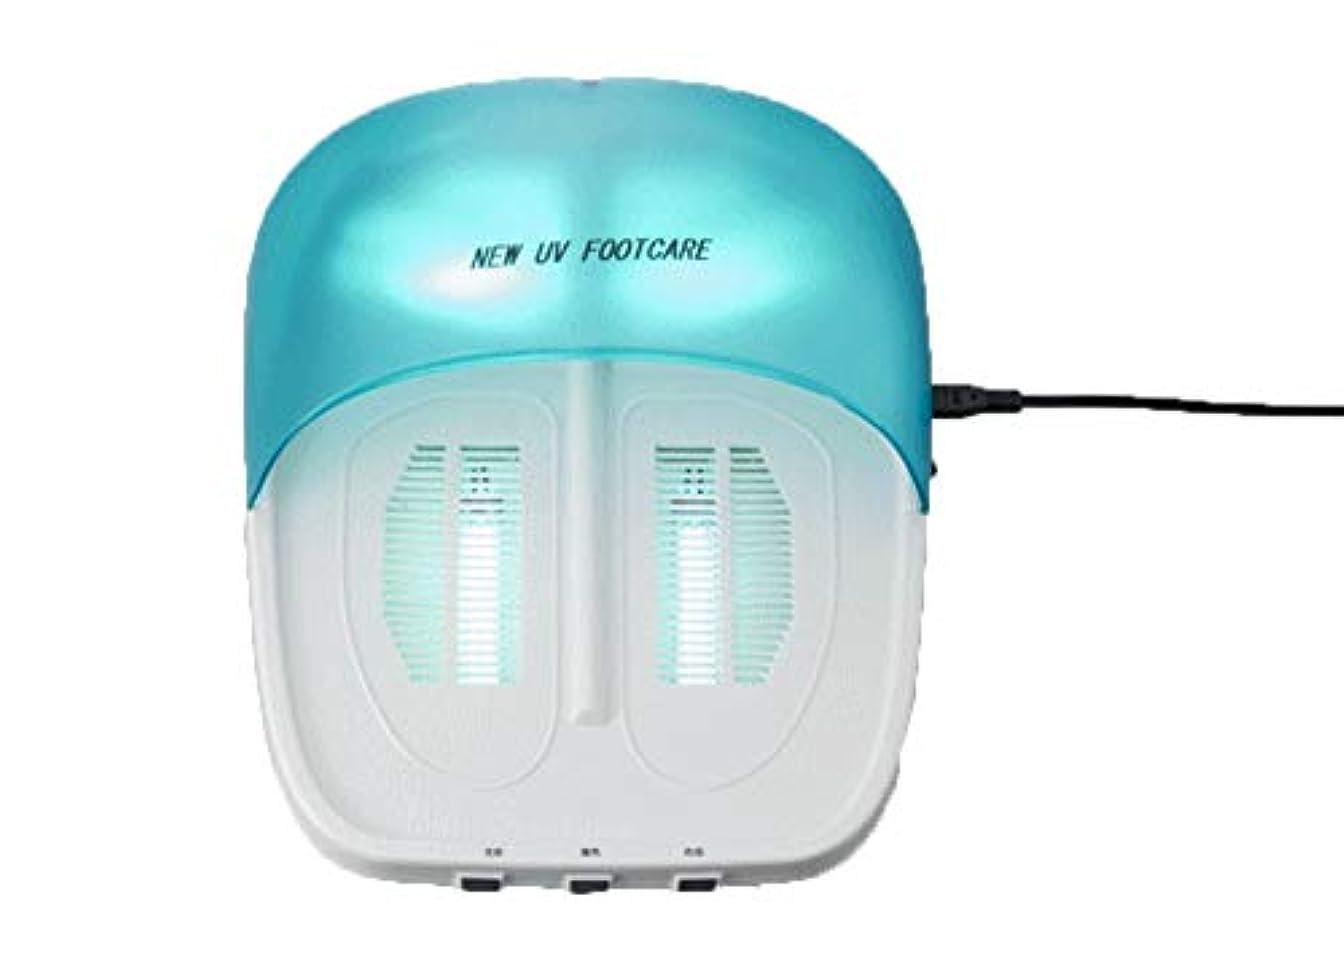 疲れたありがたい炎上家庭用紫外線治療器 UVフットケア